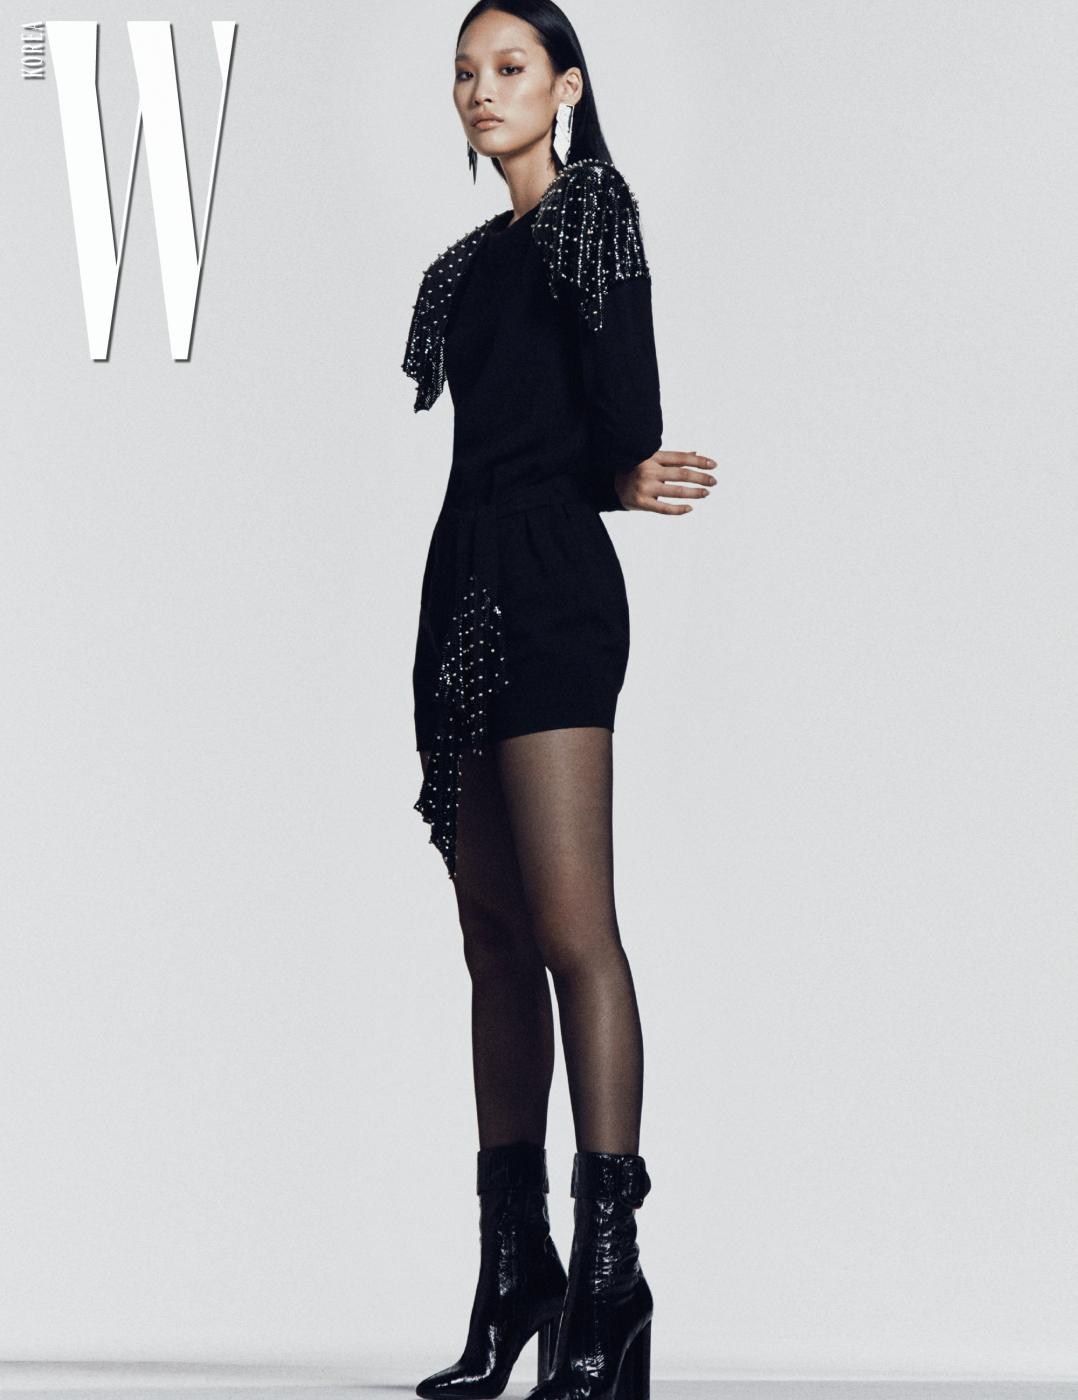 메탈 스터드 장식의 벨티드 미니드레스, 클립형 크리스털 이어링, 조플린 버클 부츠는 모두 Saint Laurent by Anthony Vaccarello 제품.